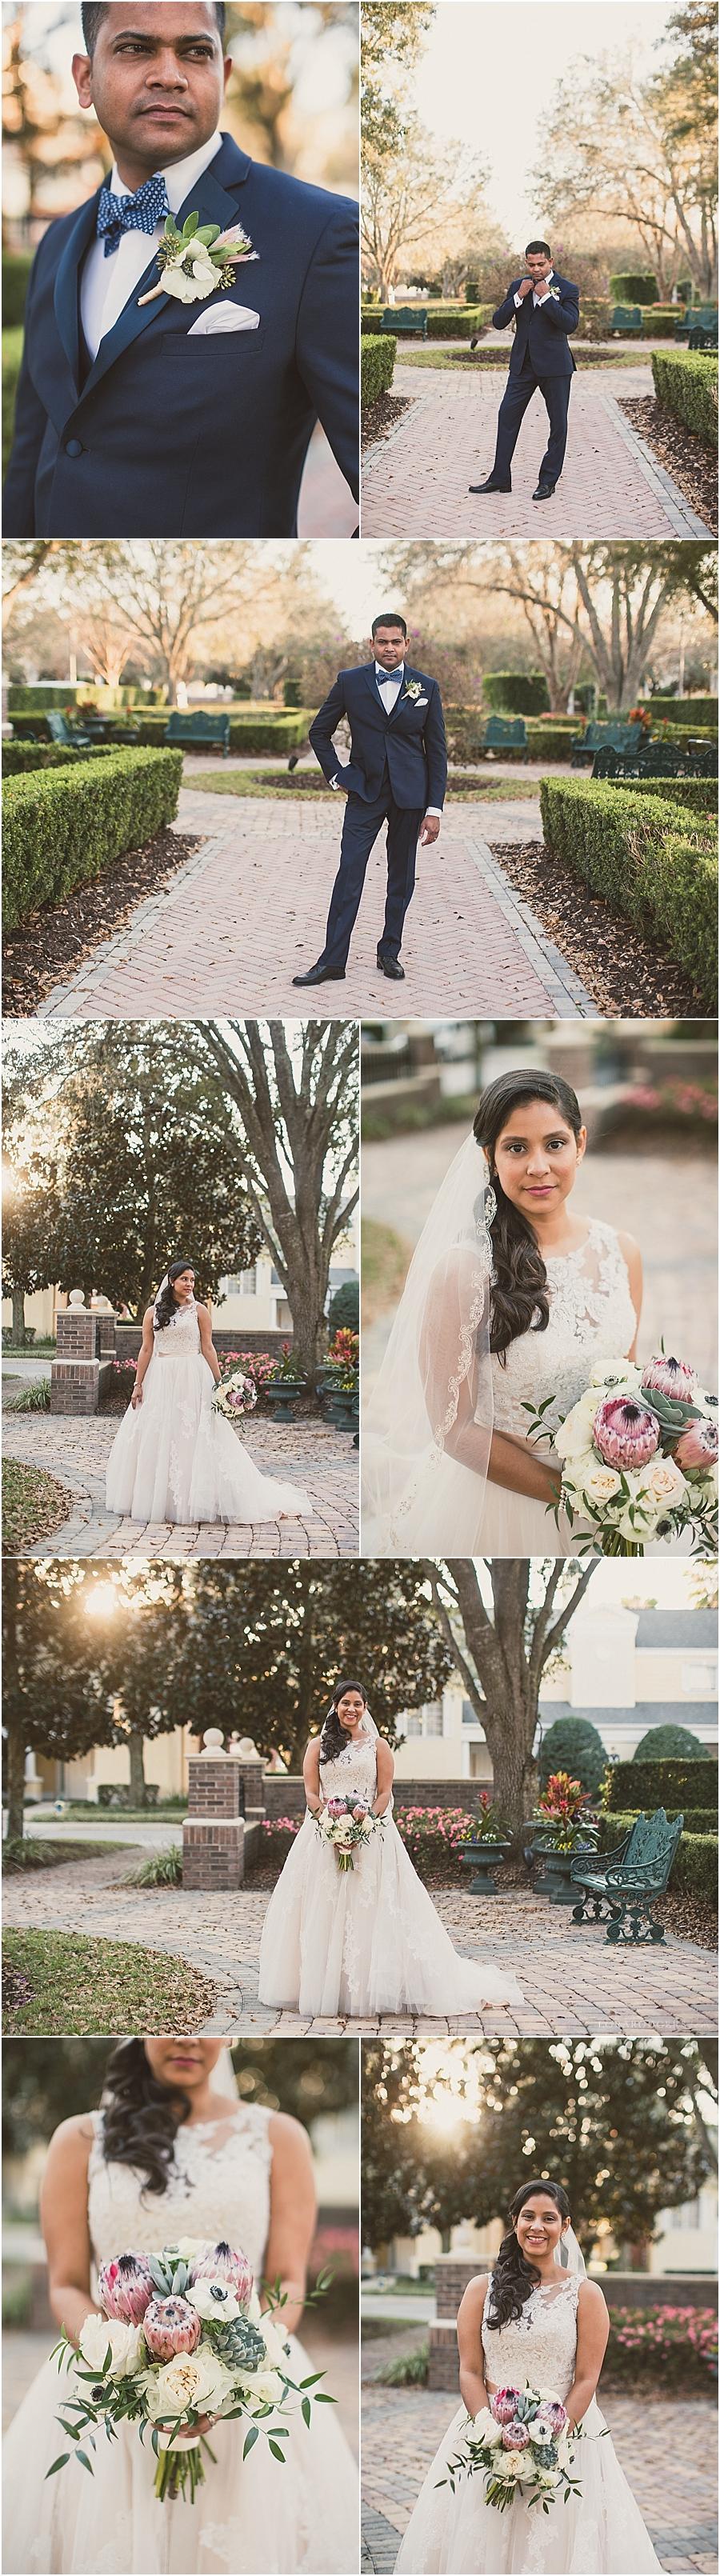 Reunion_Resort_Orlando_Wedding_011